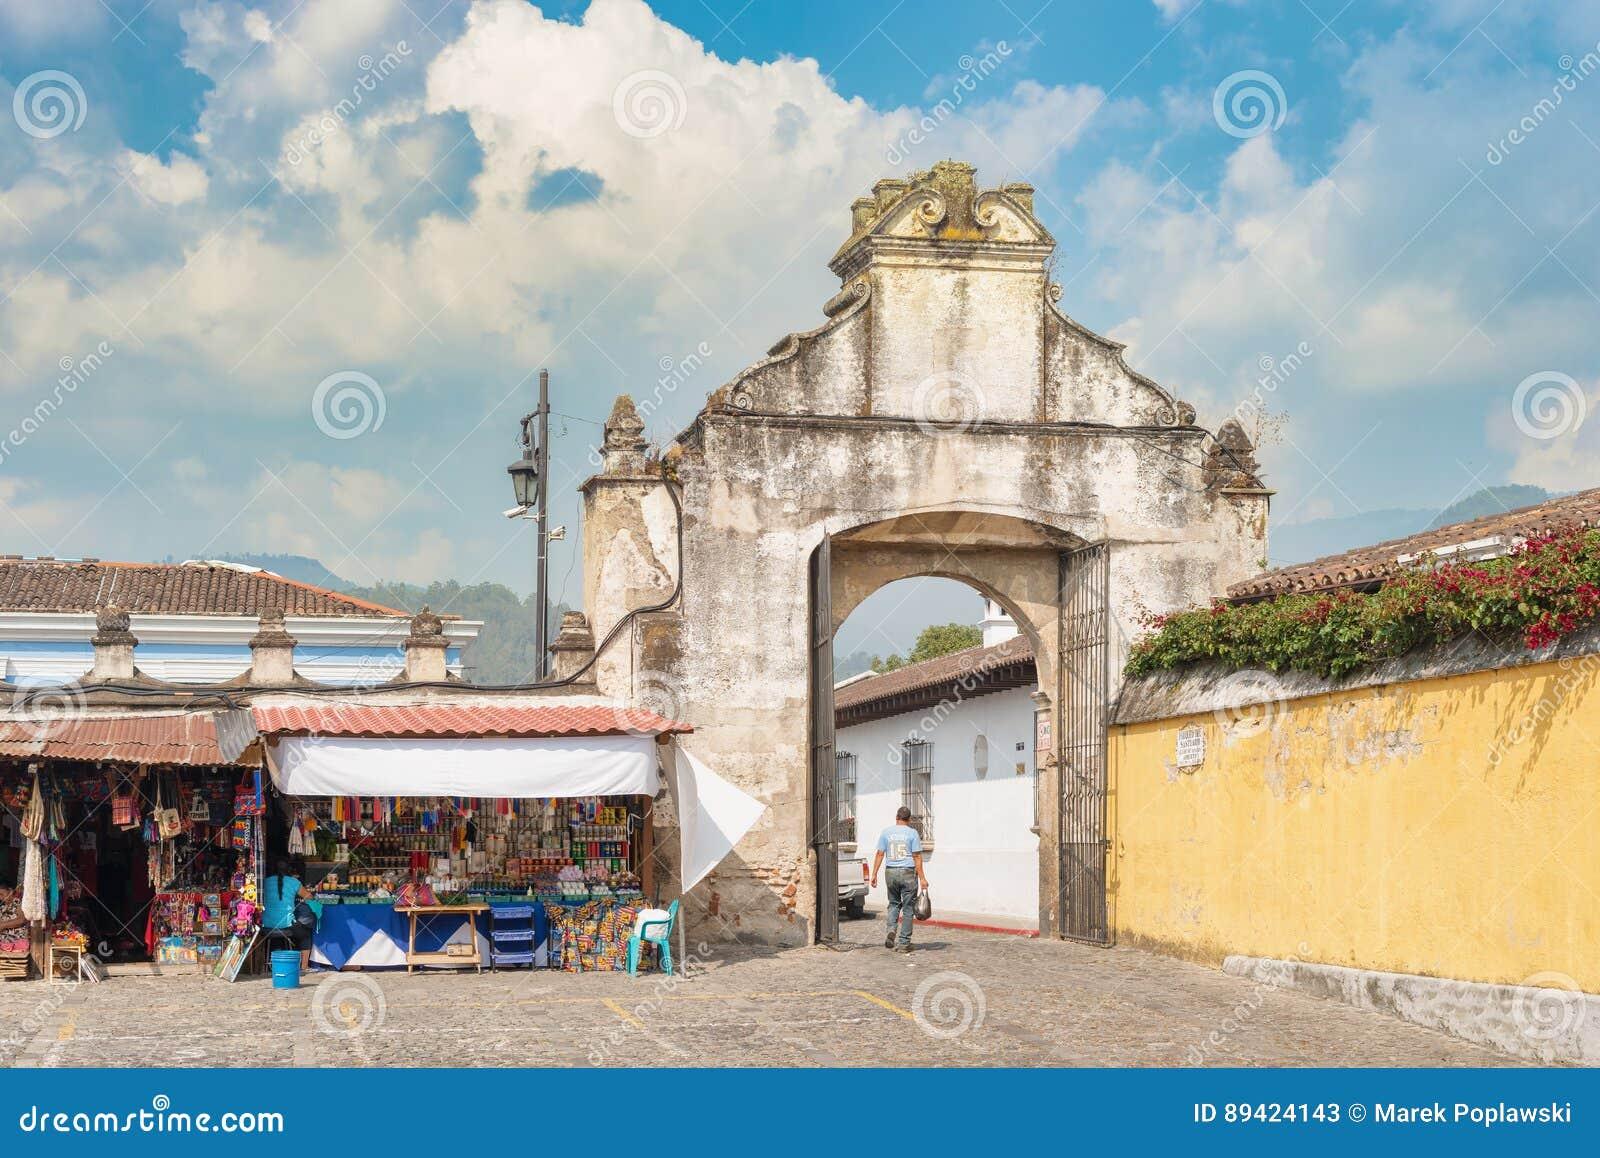 Extasie a porta à plaza na frente de Ig chamado igreja Católica